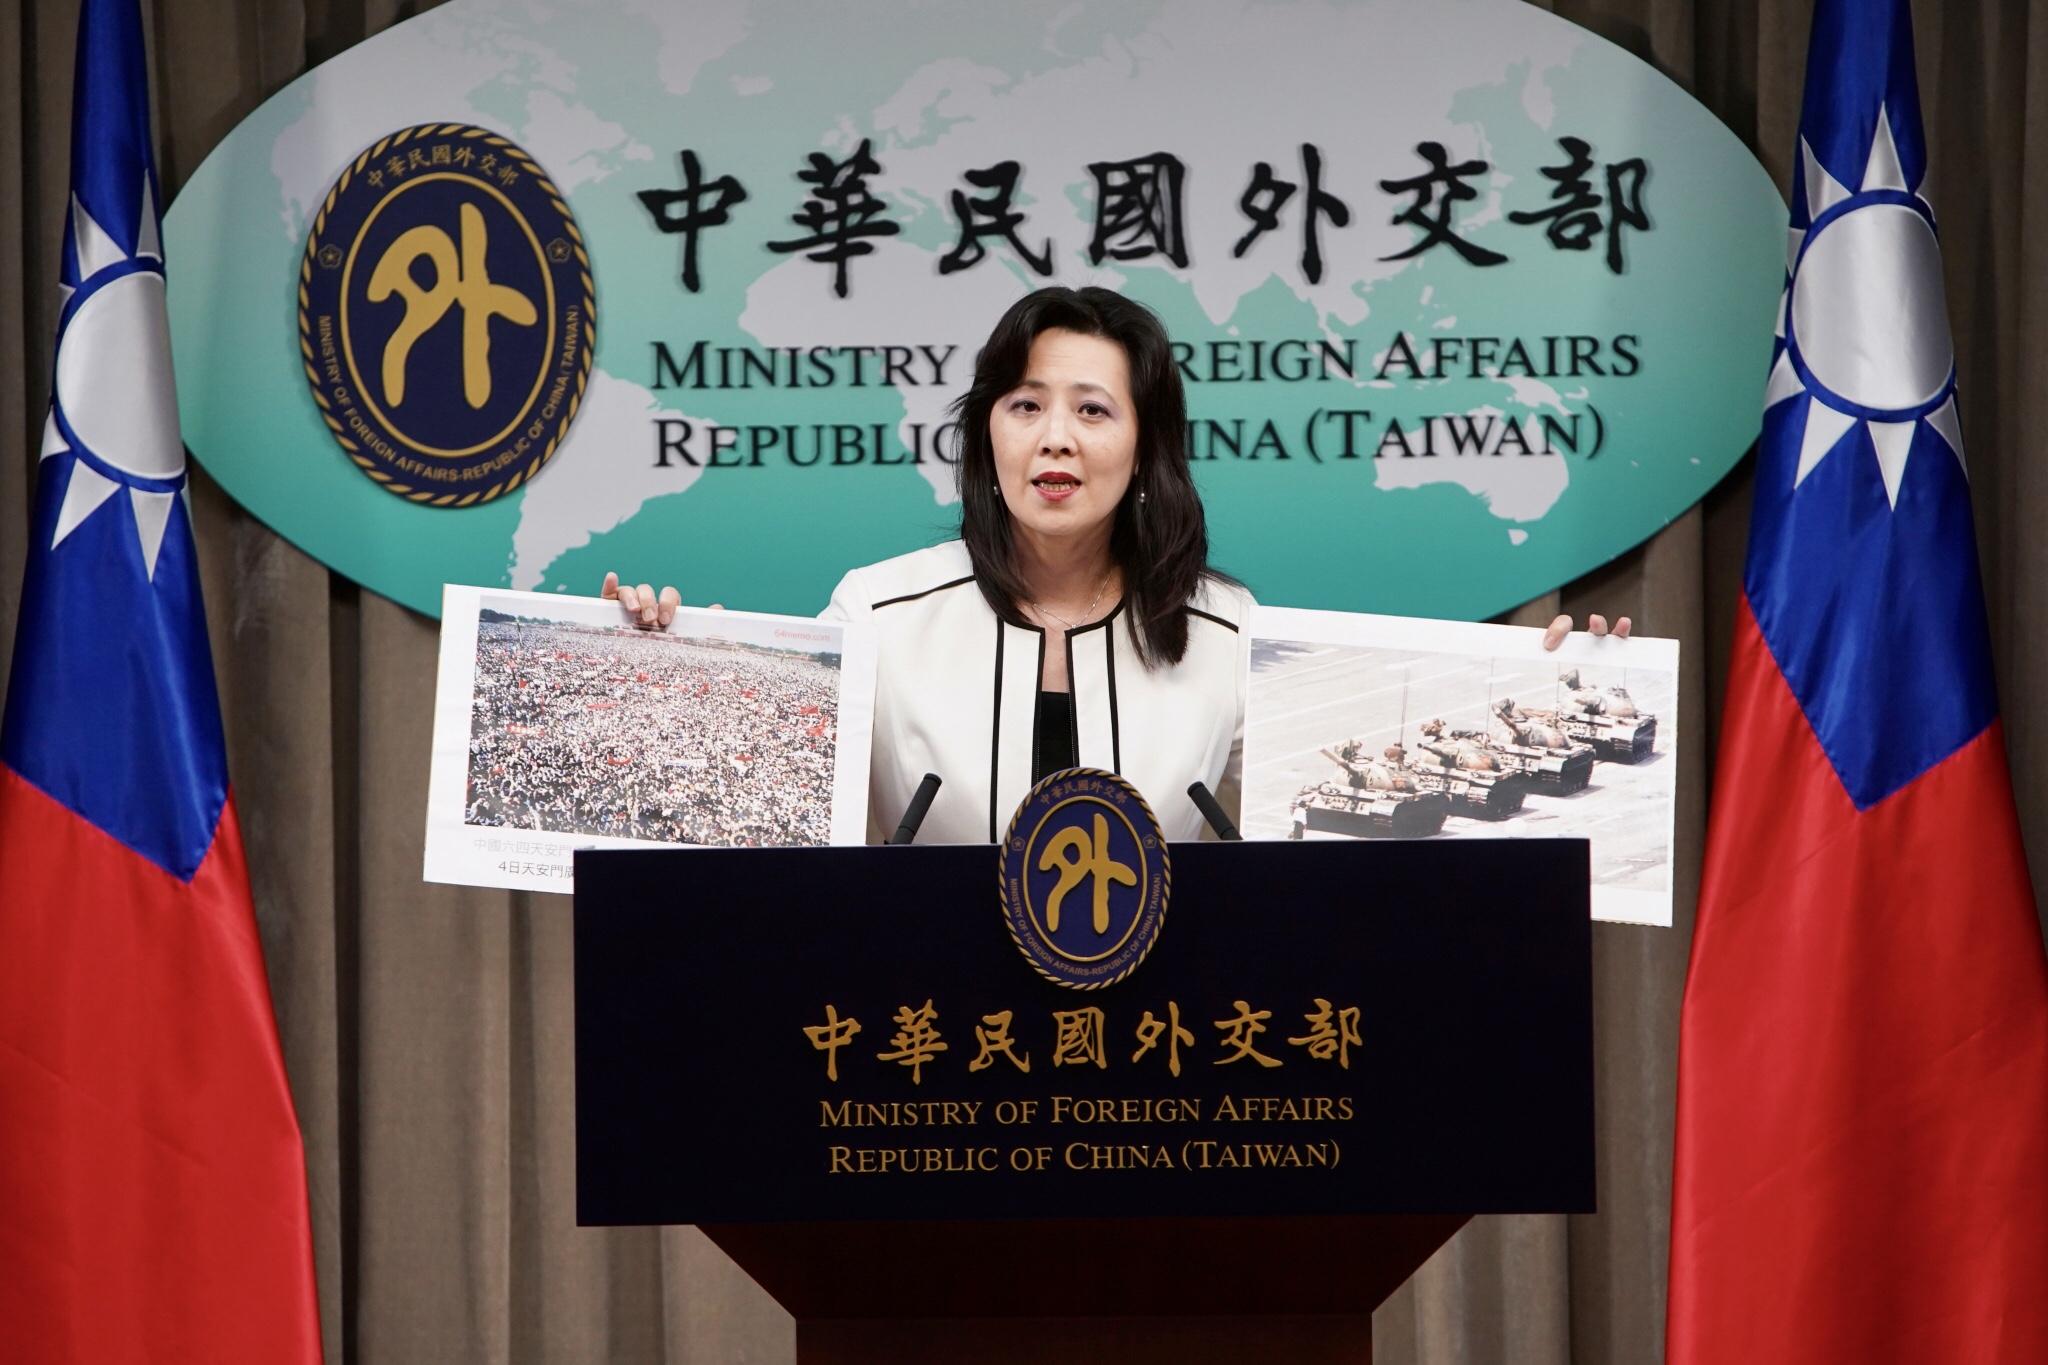 中共外交官闖台外館國慶酒會打傷人 台灣抗議